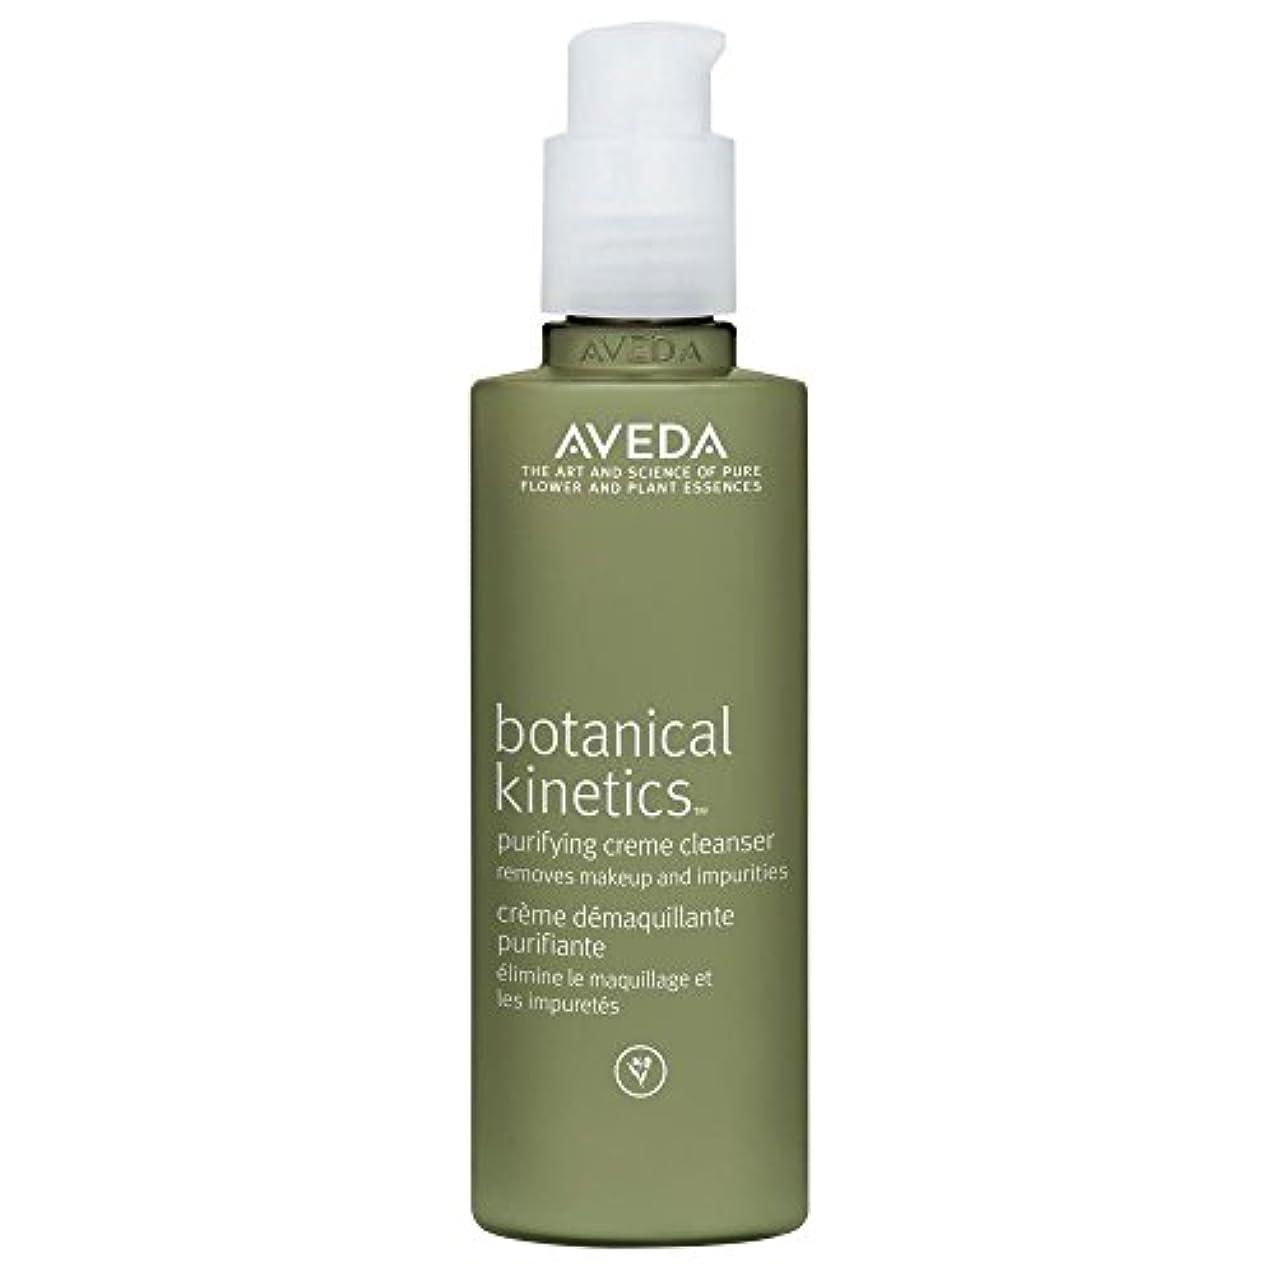 労苦新しい意味面白い[AVEDA] アヴェダボタニカルキネティクス浄化クリームクレンザー、150ミリリットル - Aveda Botanical Kinetics Purifying Creme Cleanser, 150ml [並行輸入品]